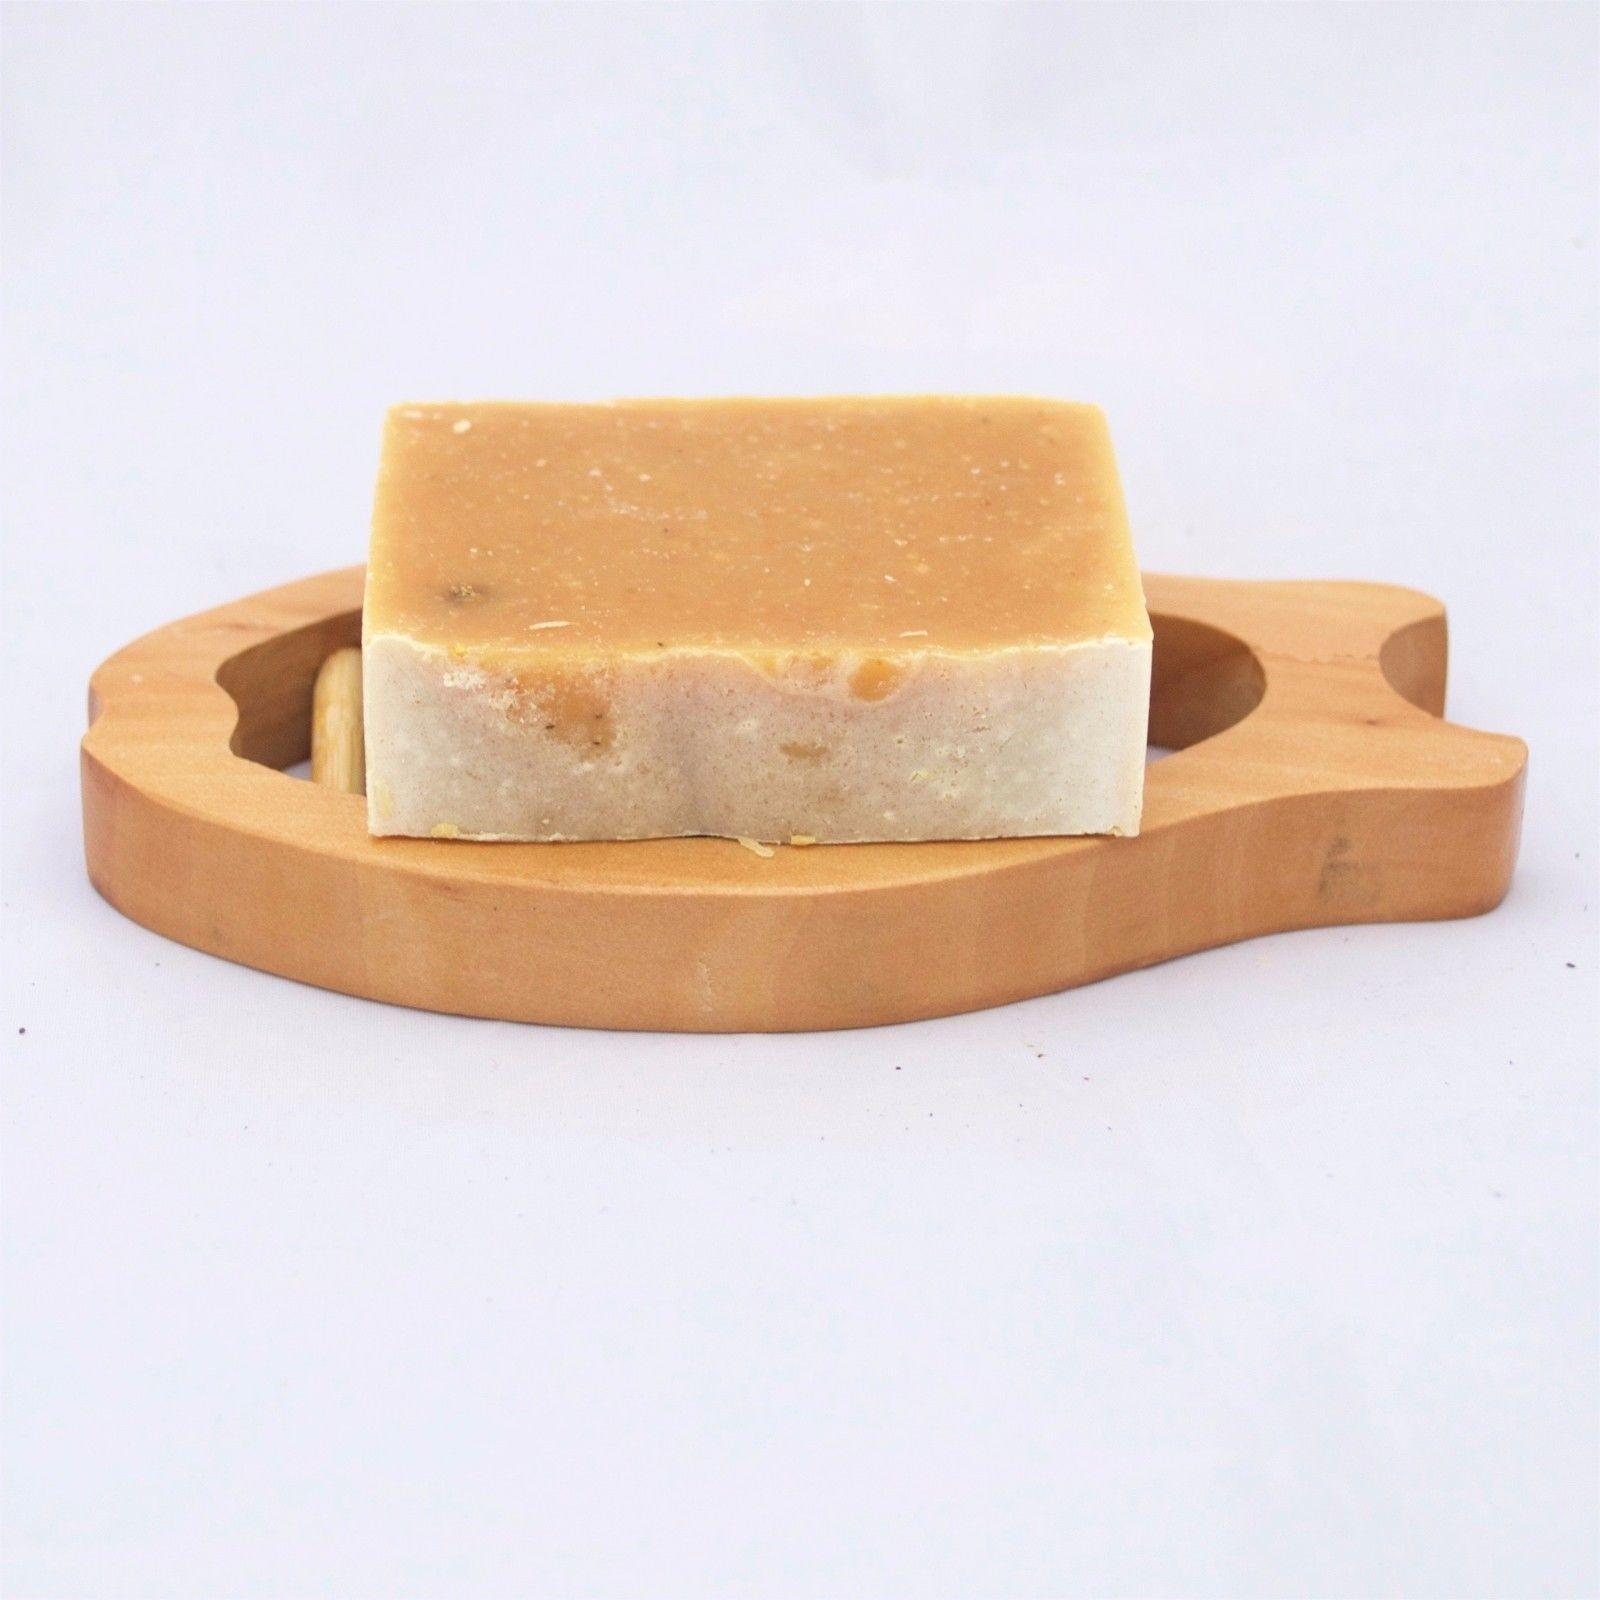 Najel Aleppo Soap 8% Laurel Oil & Red Clay Hemu Dish Set